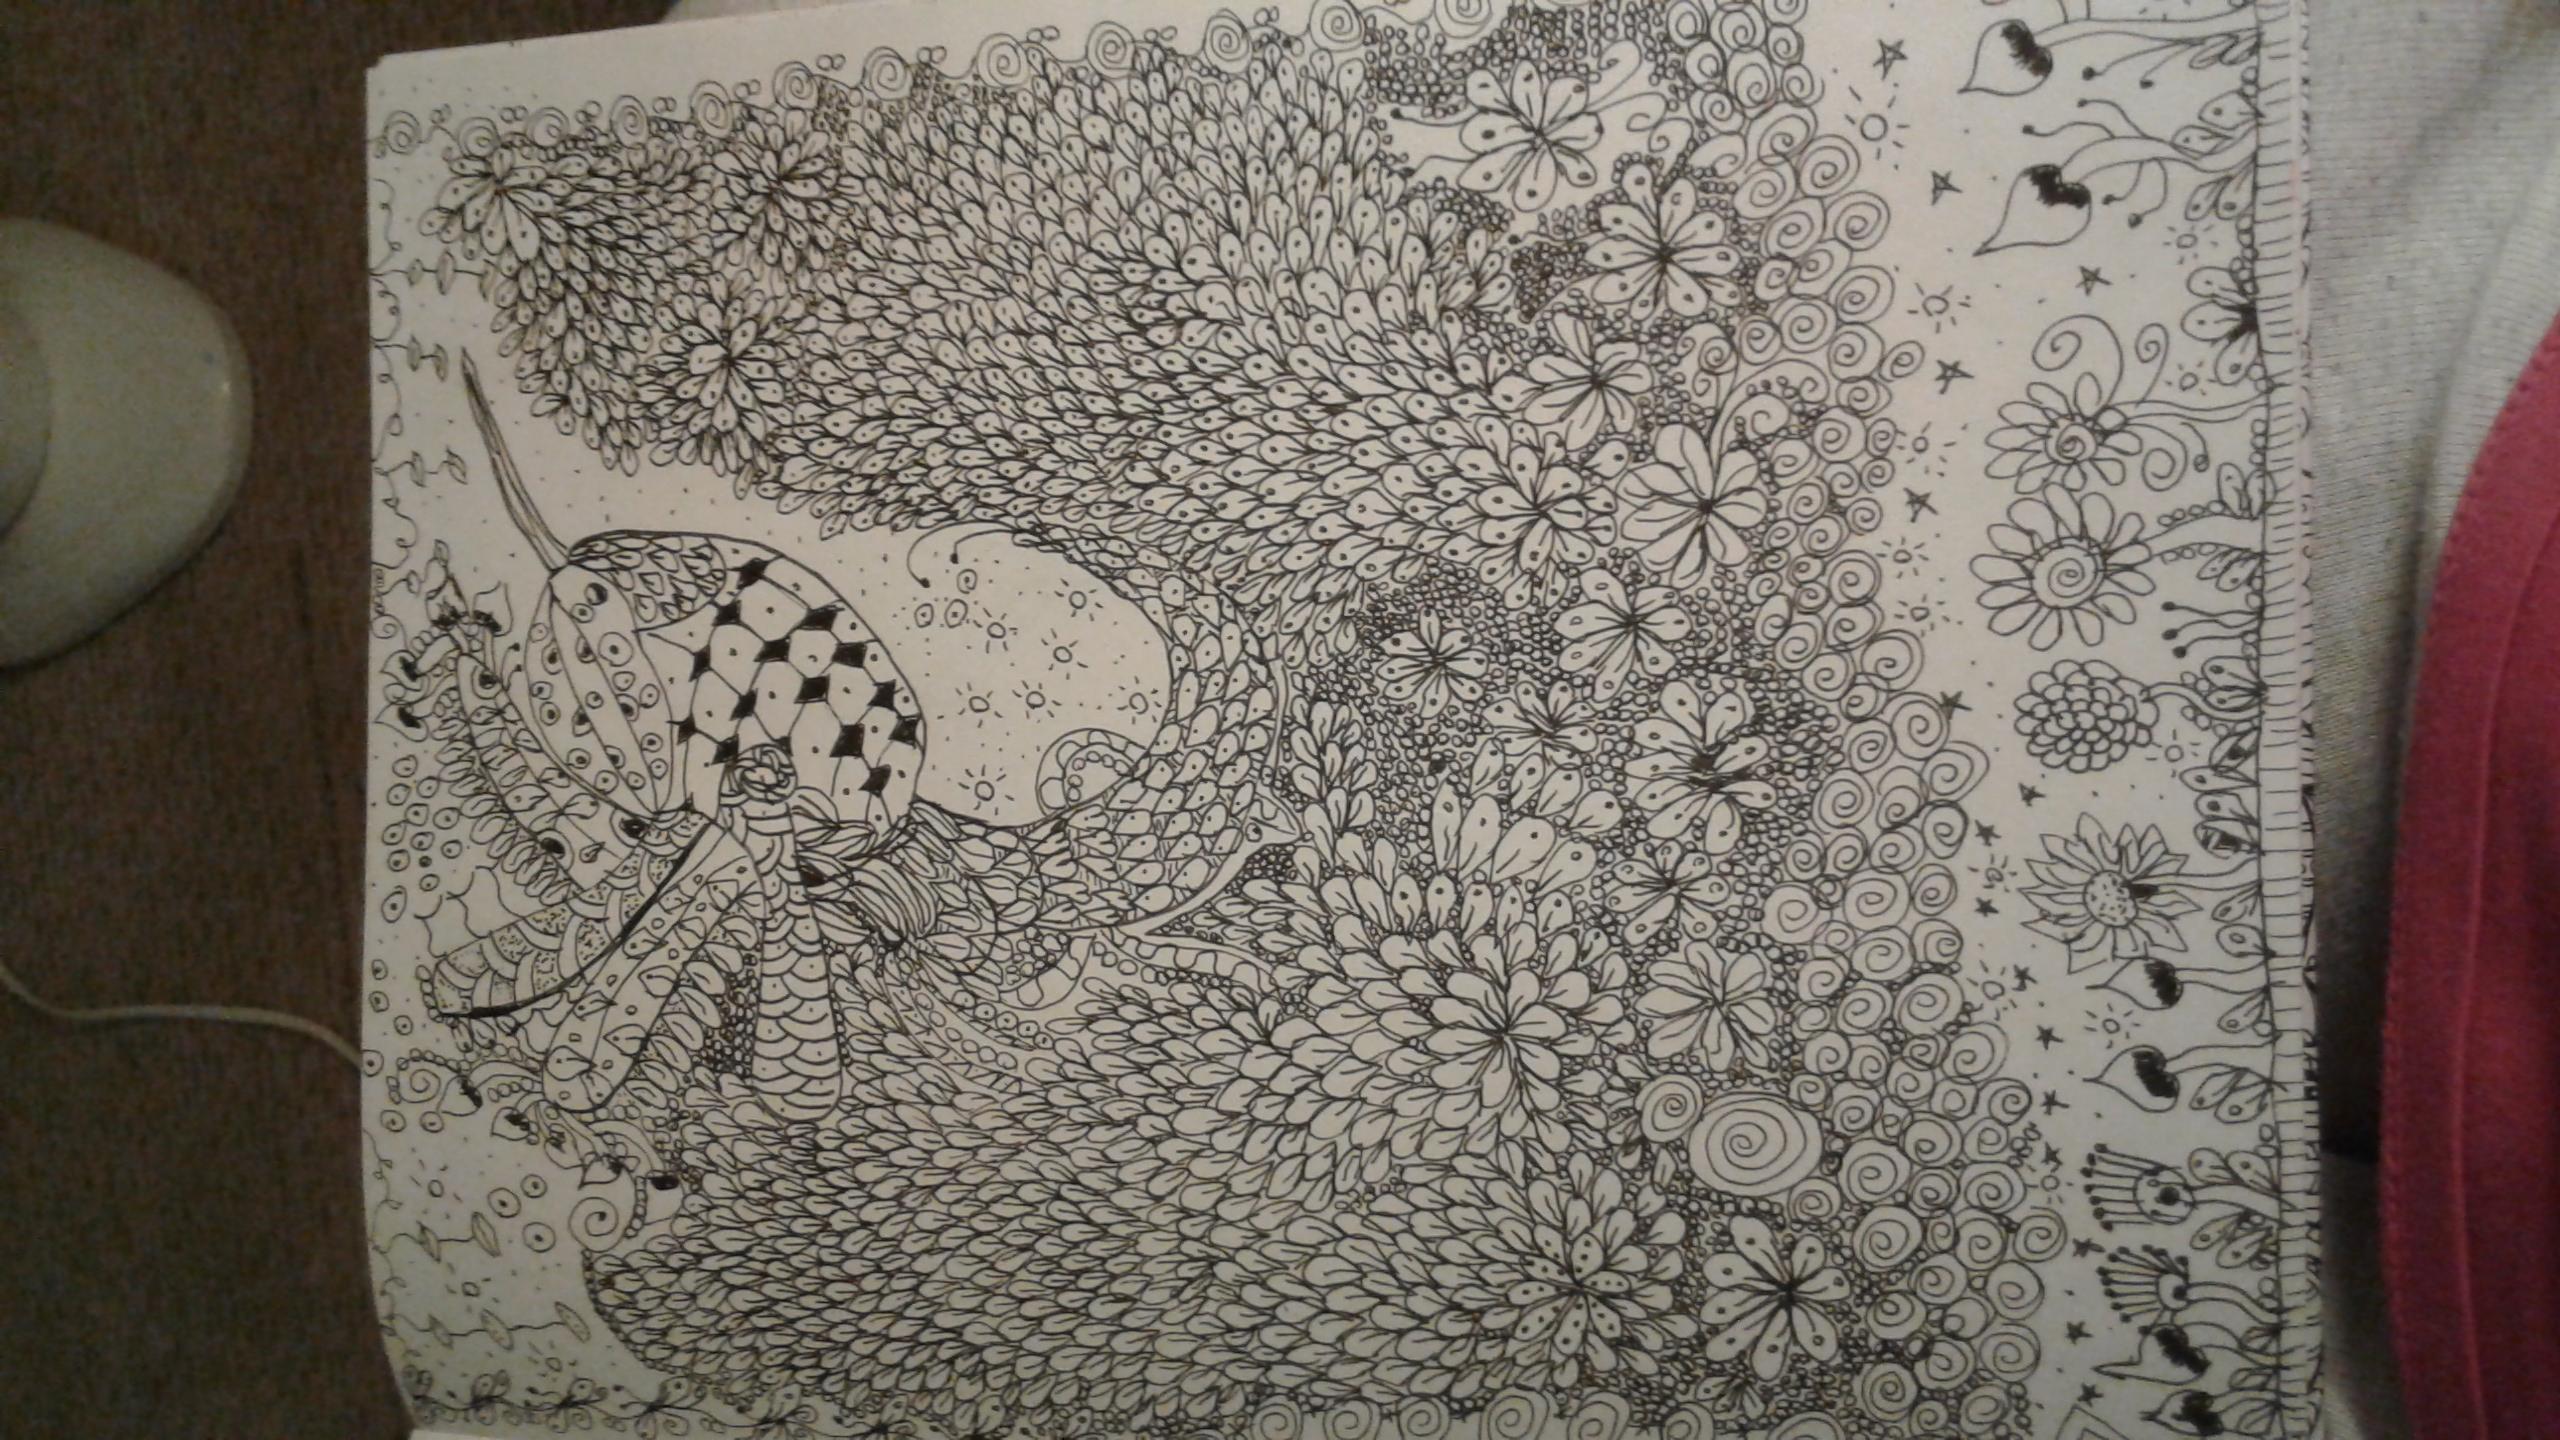 Hummingbird inspired with zentangles